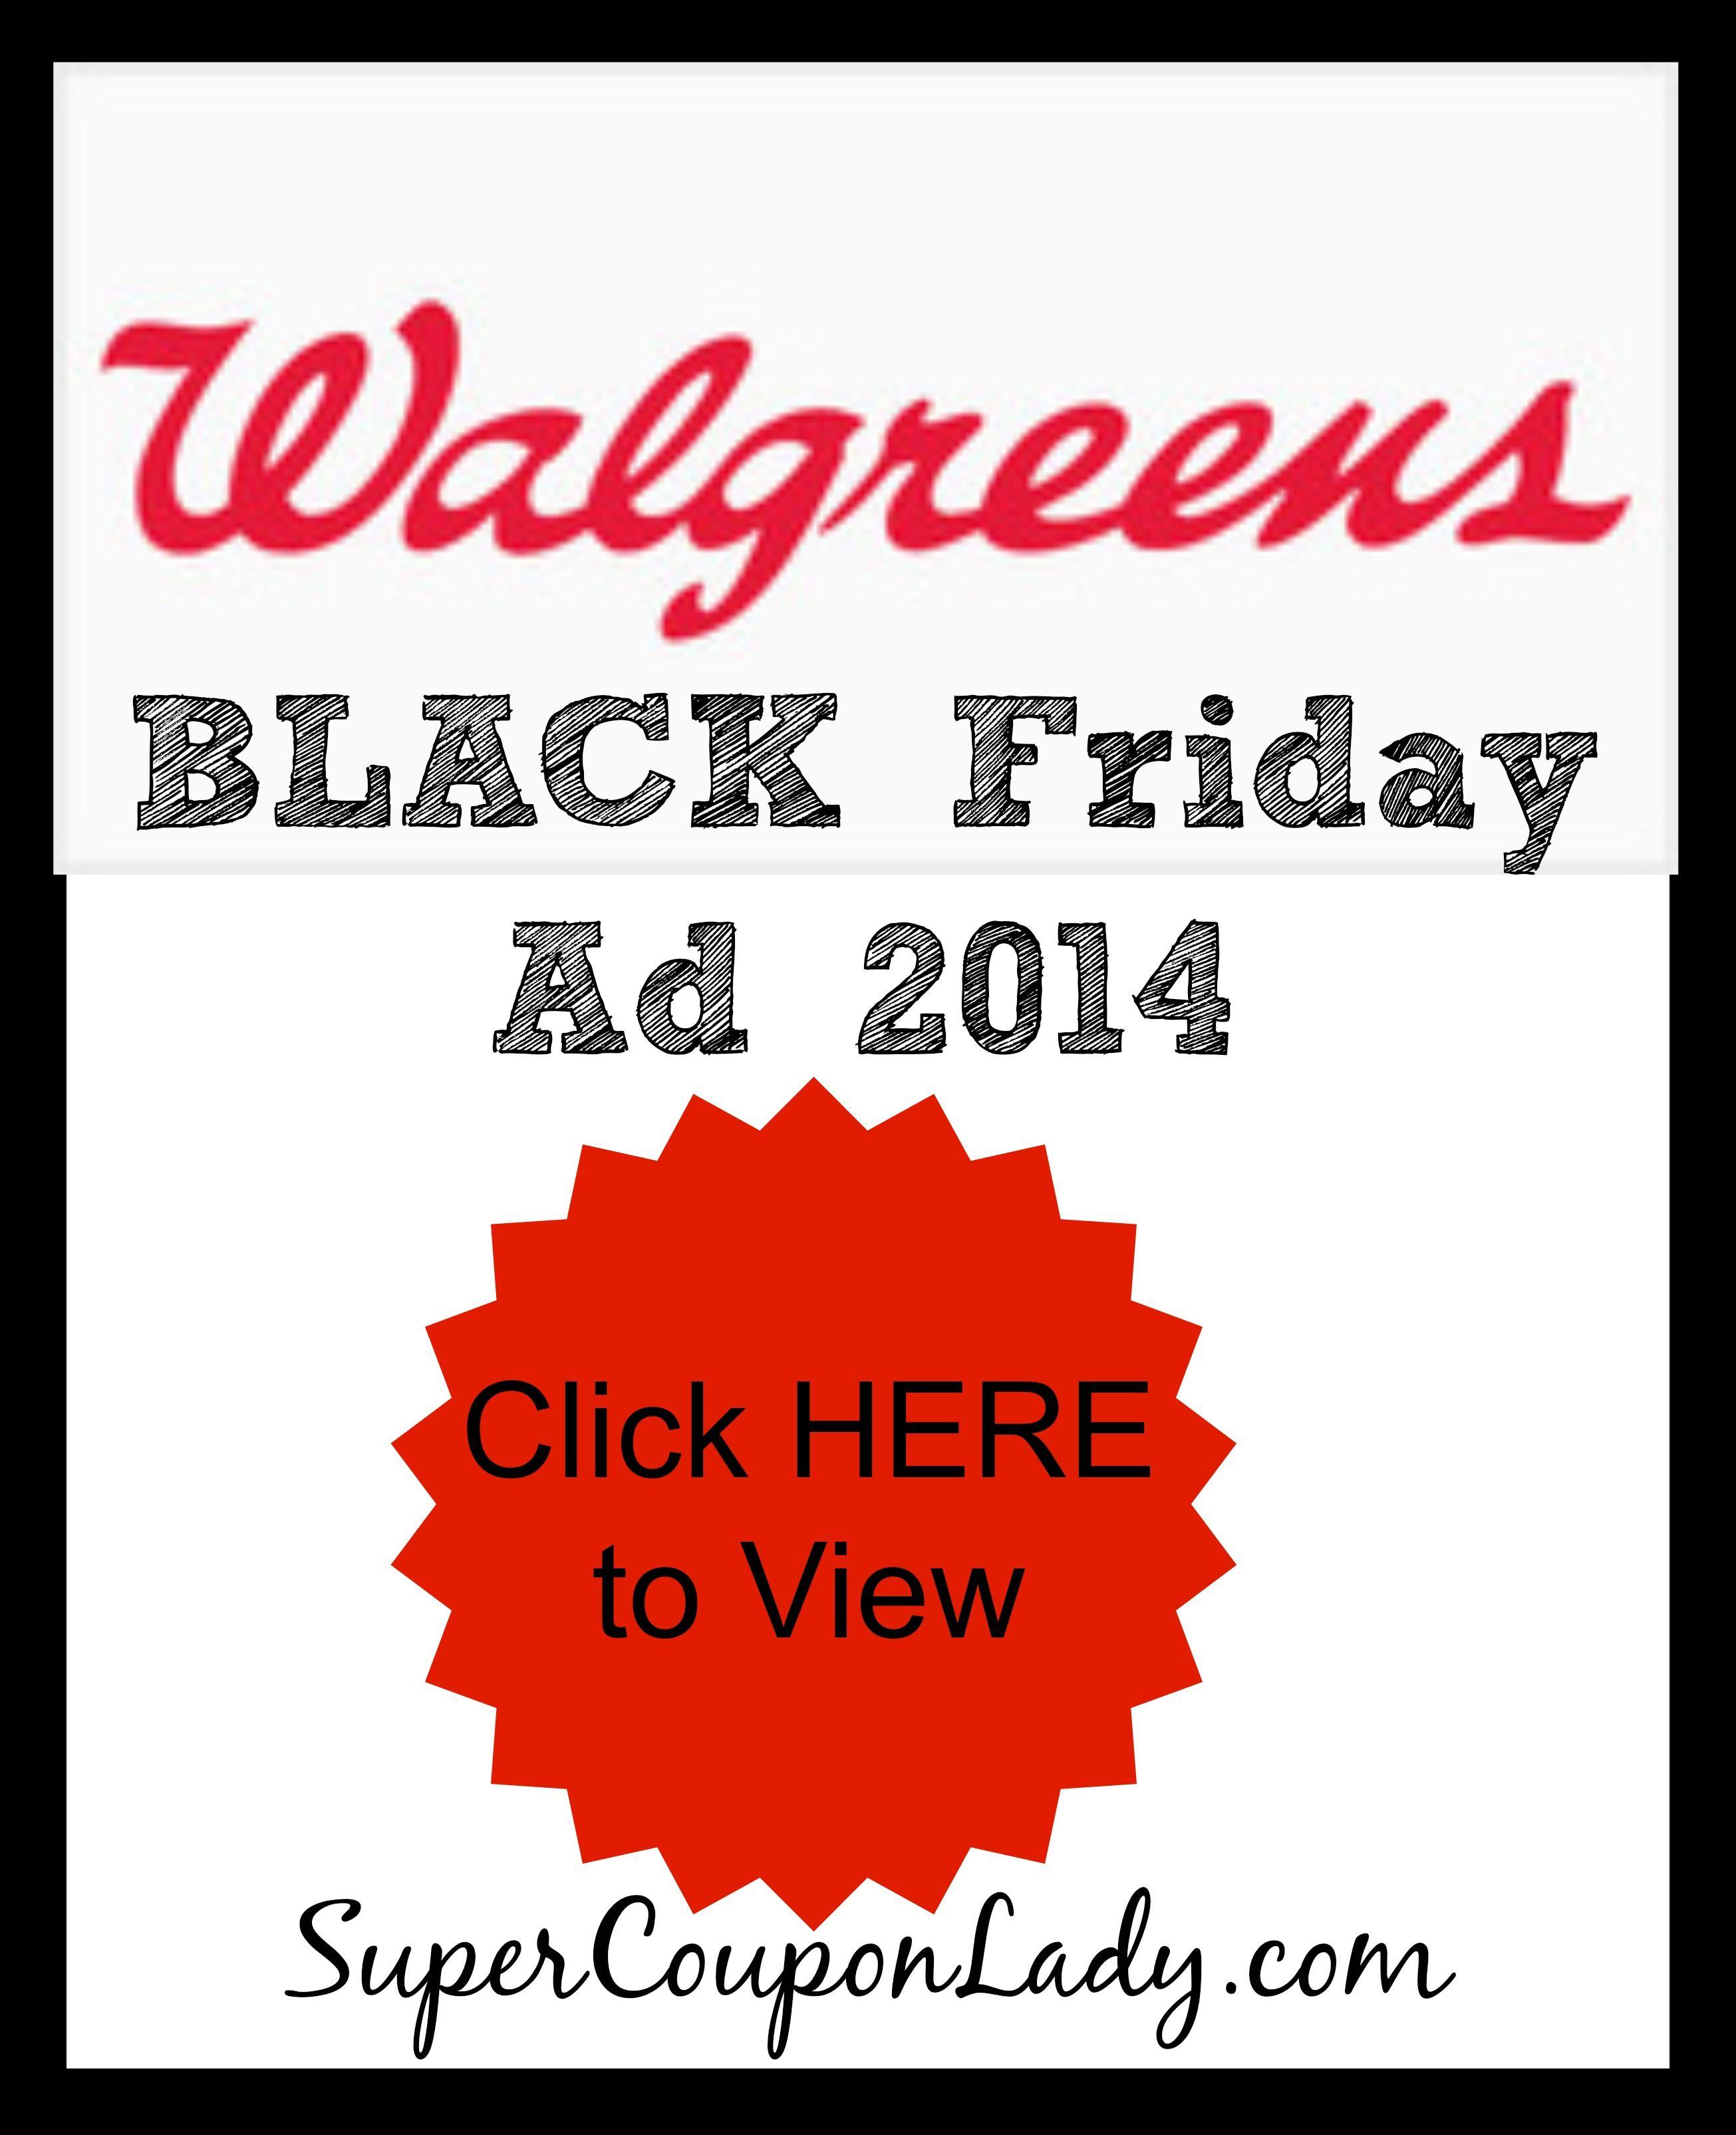 Walgreens Black Friday Ad 2014   Black friday and Coupon lady